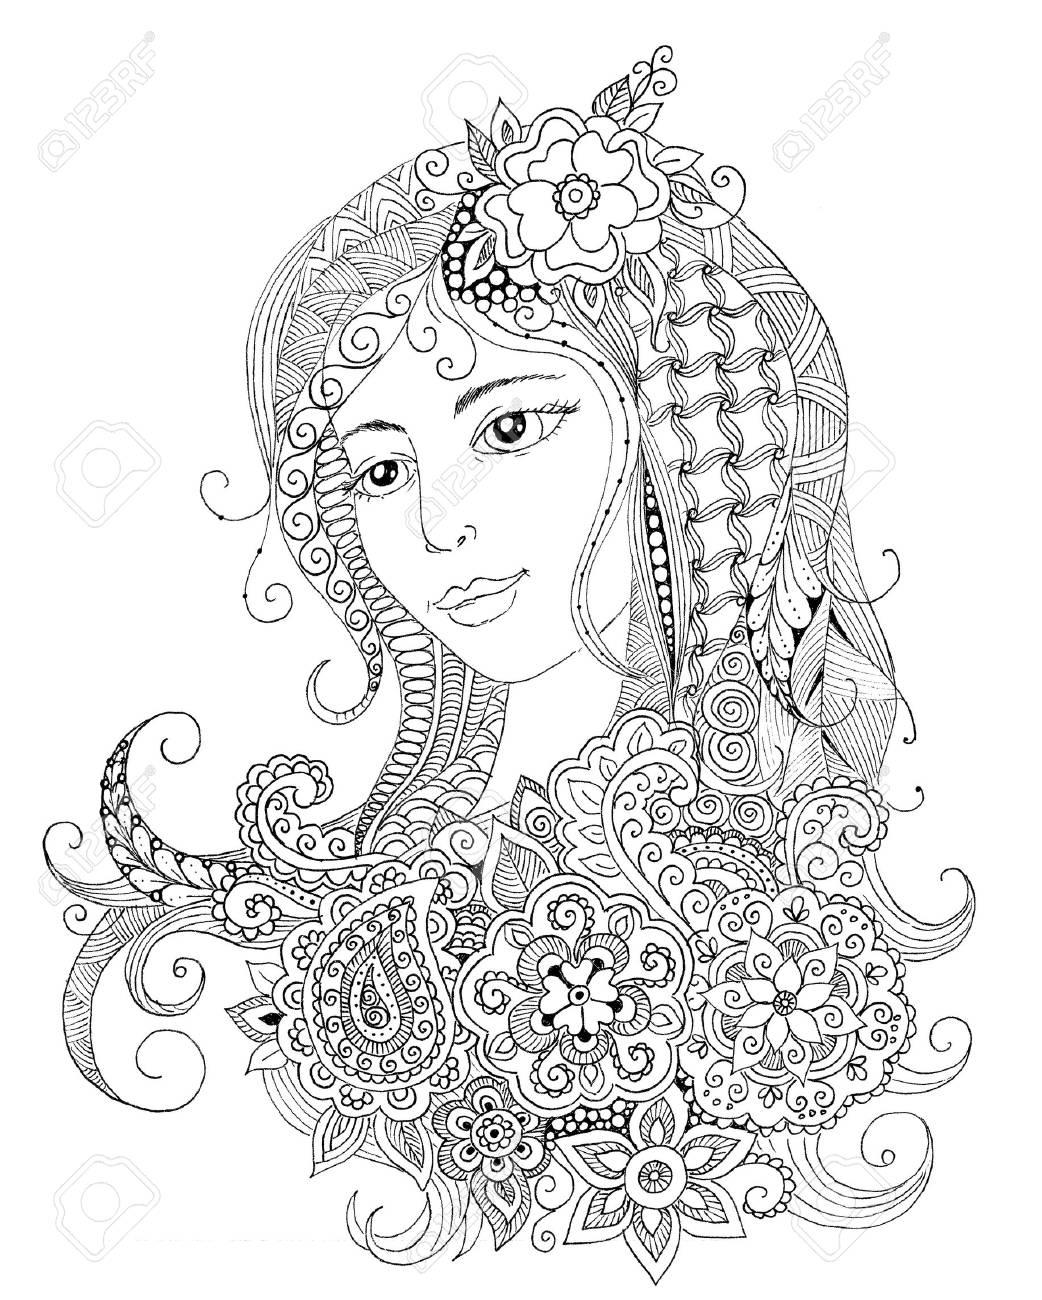 Portrait Dessiné à La Main Dune Belle Fille à Zentangle Style De Gribouillage Imprimer Pour Le Livre De Coloriage Adulte Coloriage Illustration